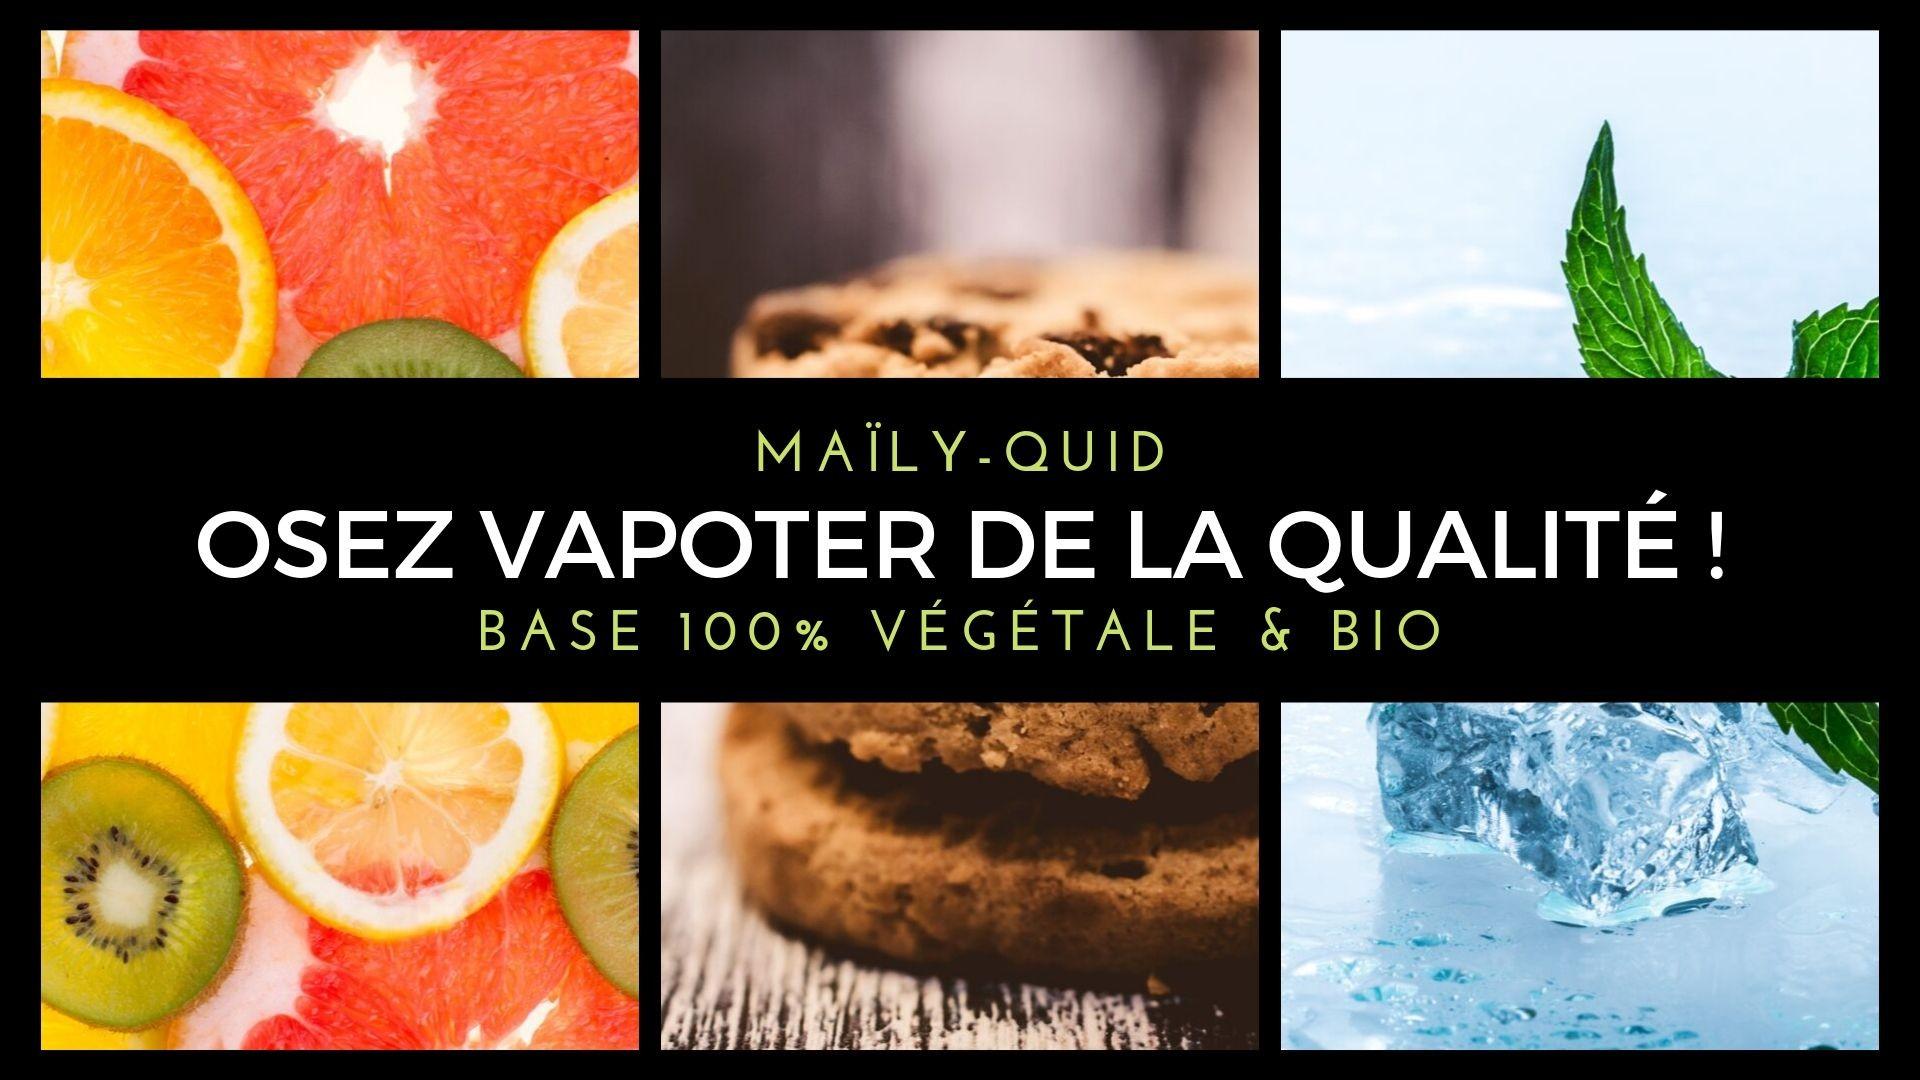 Maïly-Quid : osez vapoter de la qualité !